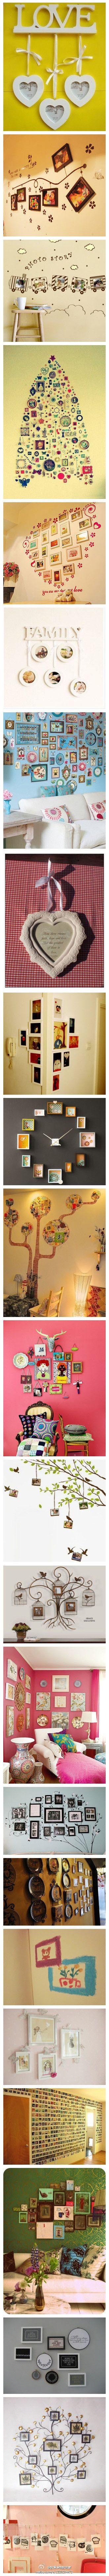 Wall deco ideas <3